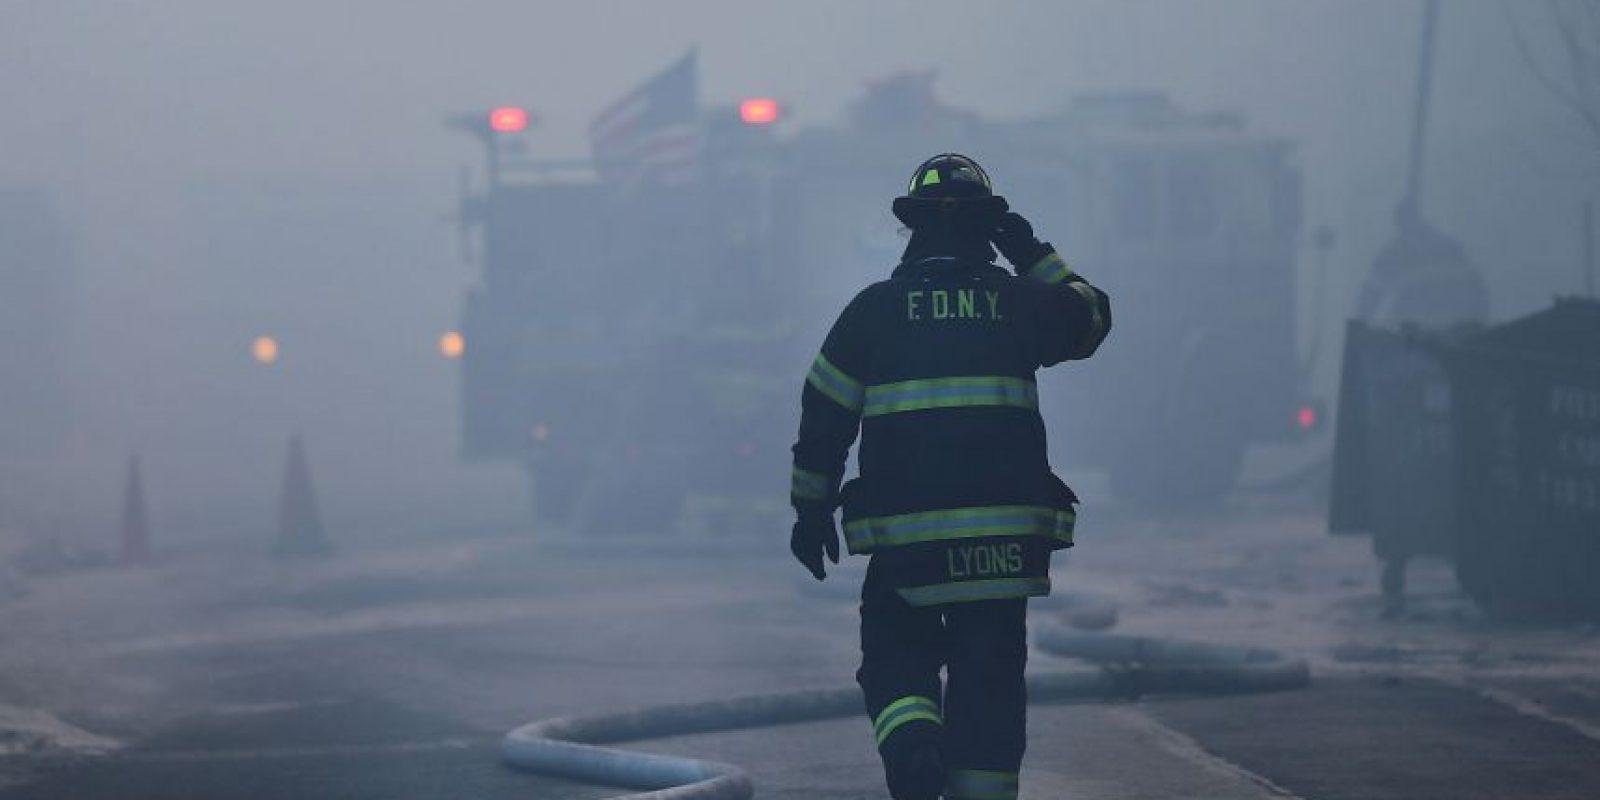 Autoridades investigan las causas del accidente. Foto:Getty Images